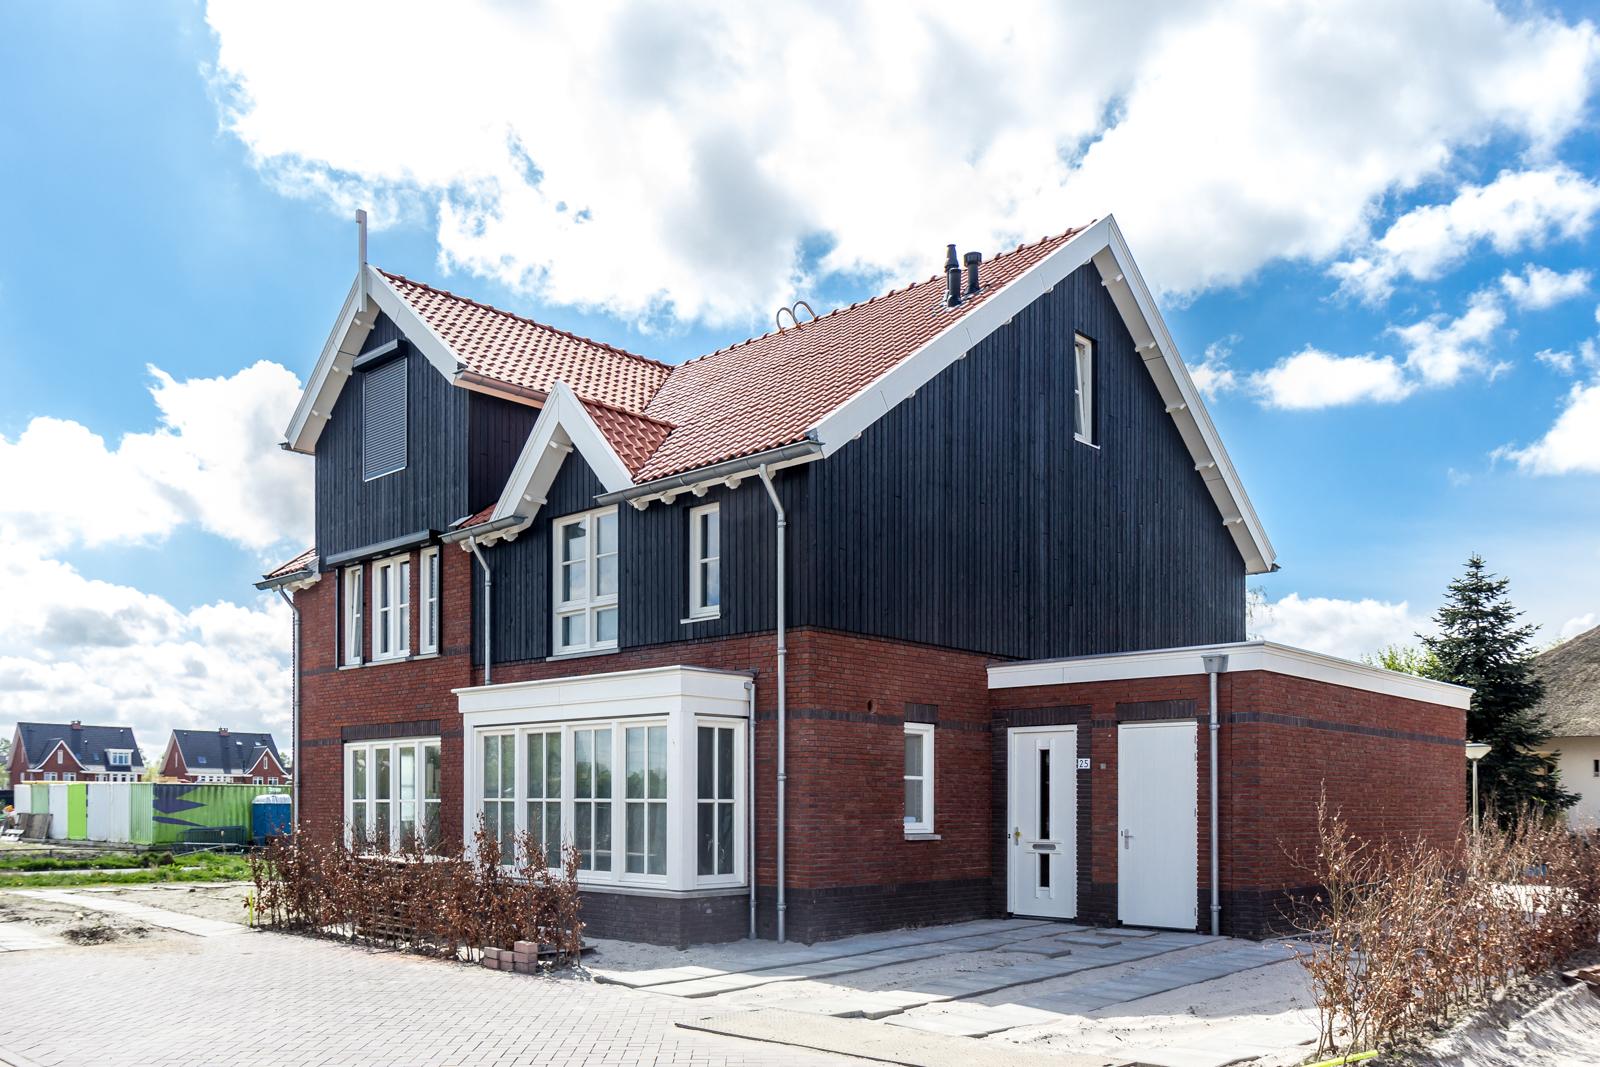 Ackerswoude-Landrijk3-Pijnacker-4405